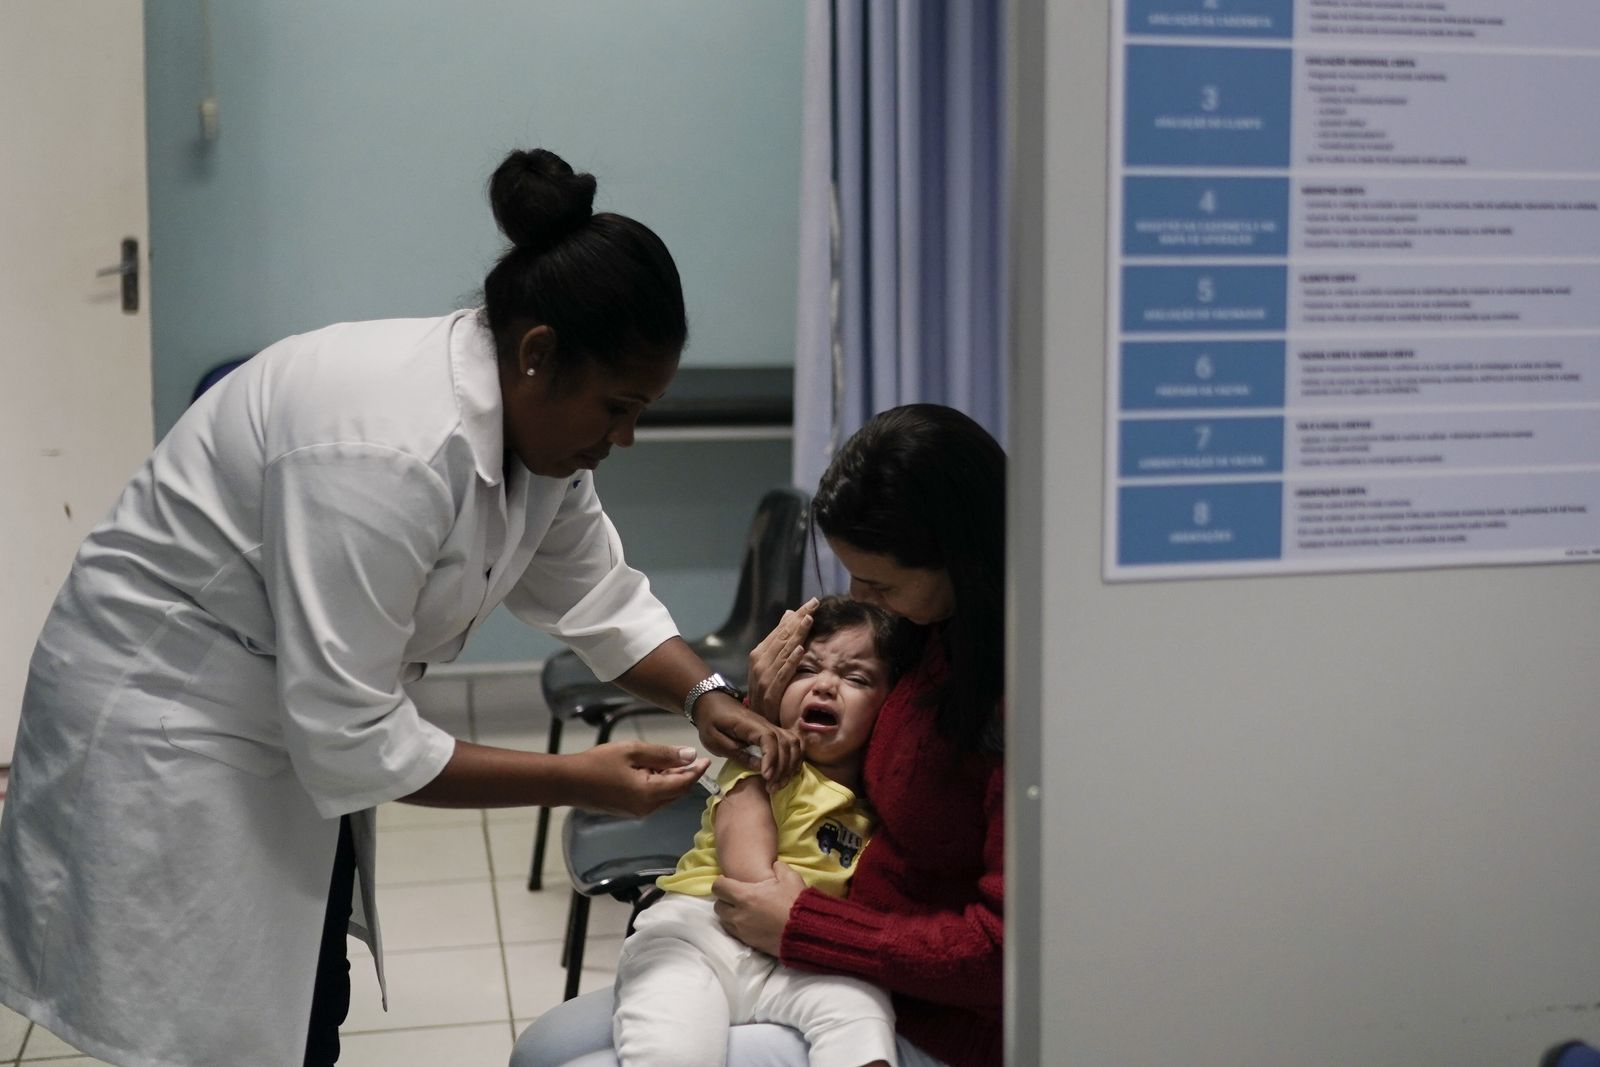 Brasilien/ Medizin/ Gesundheit